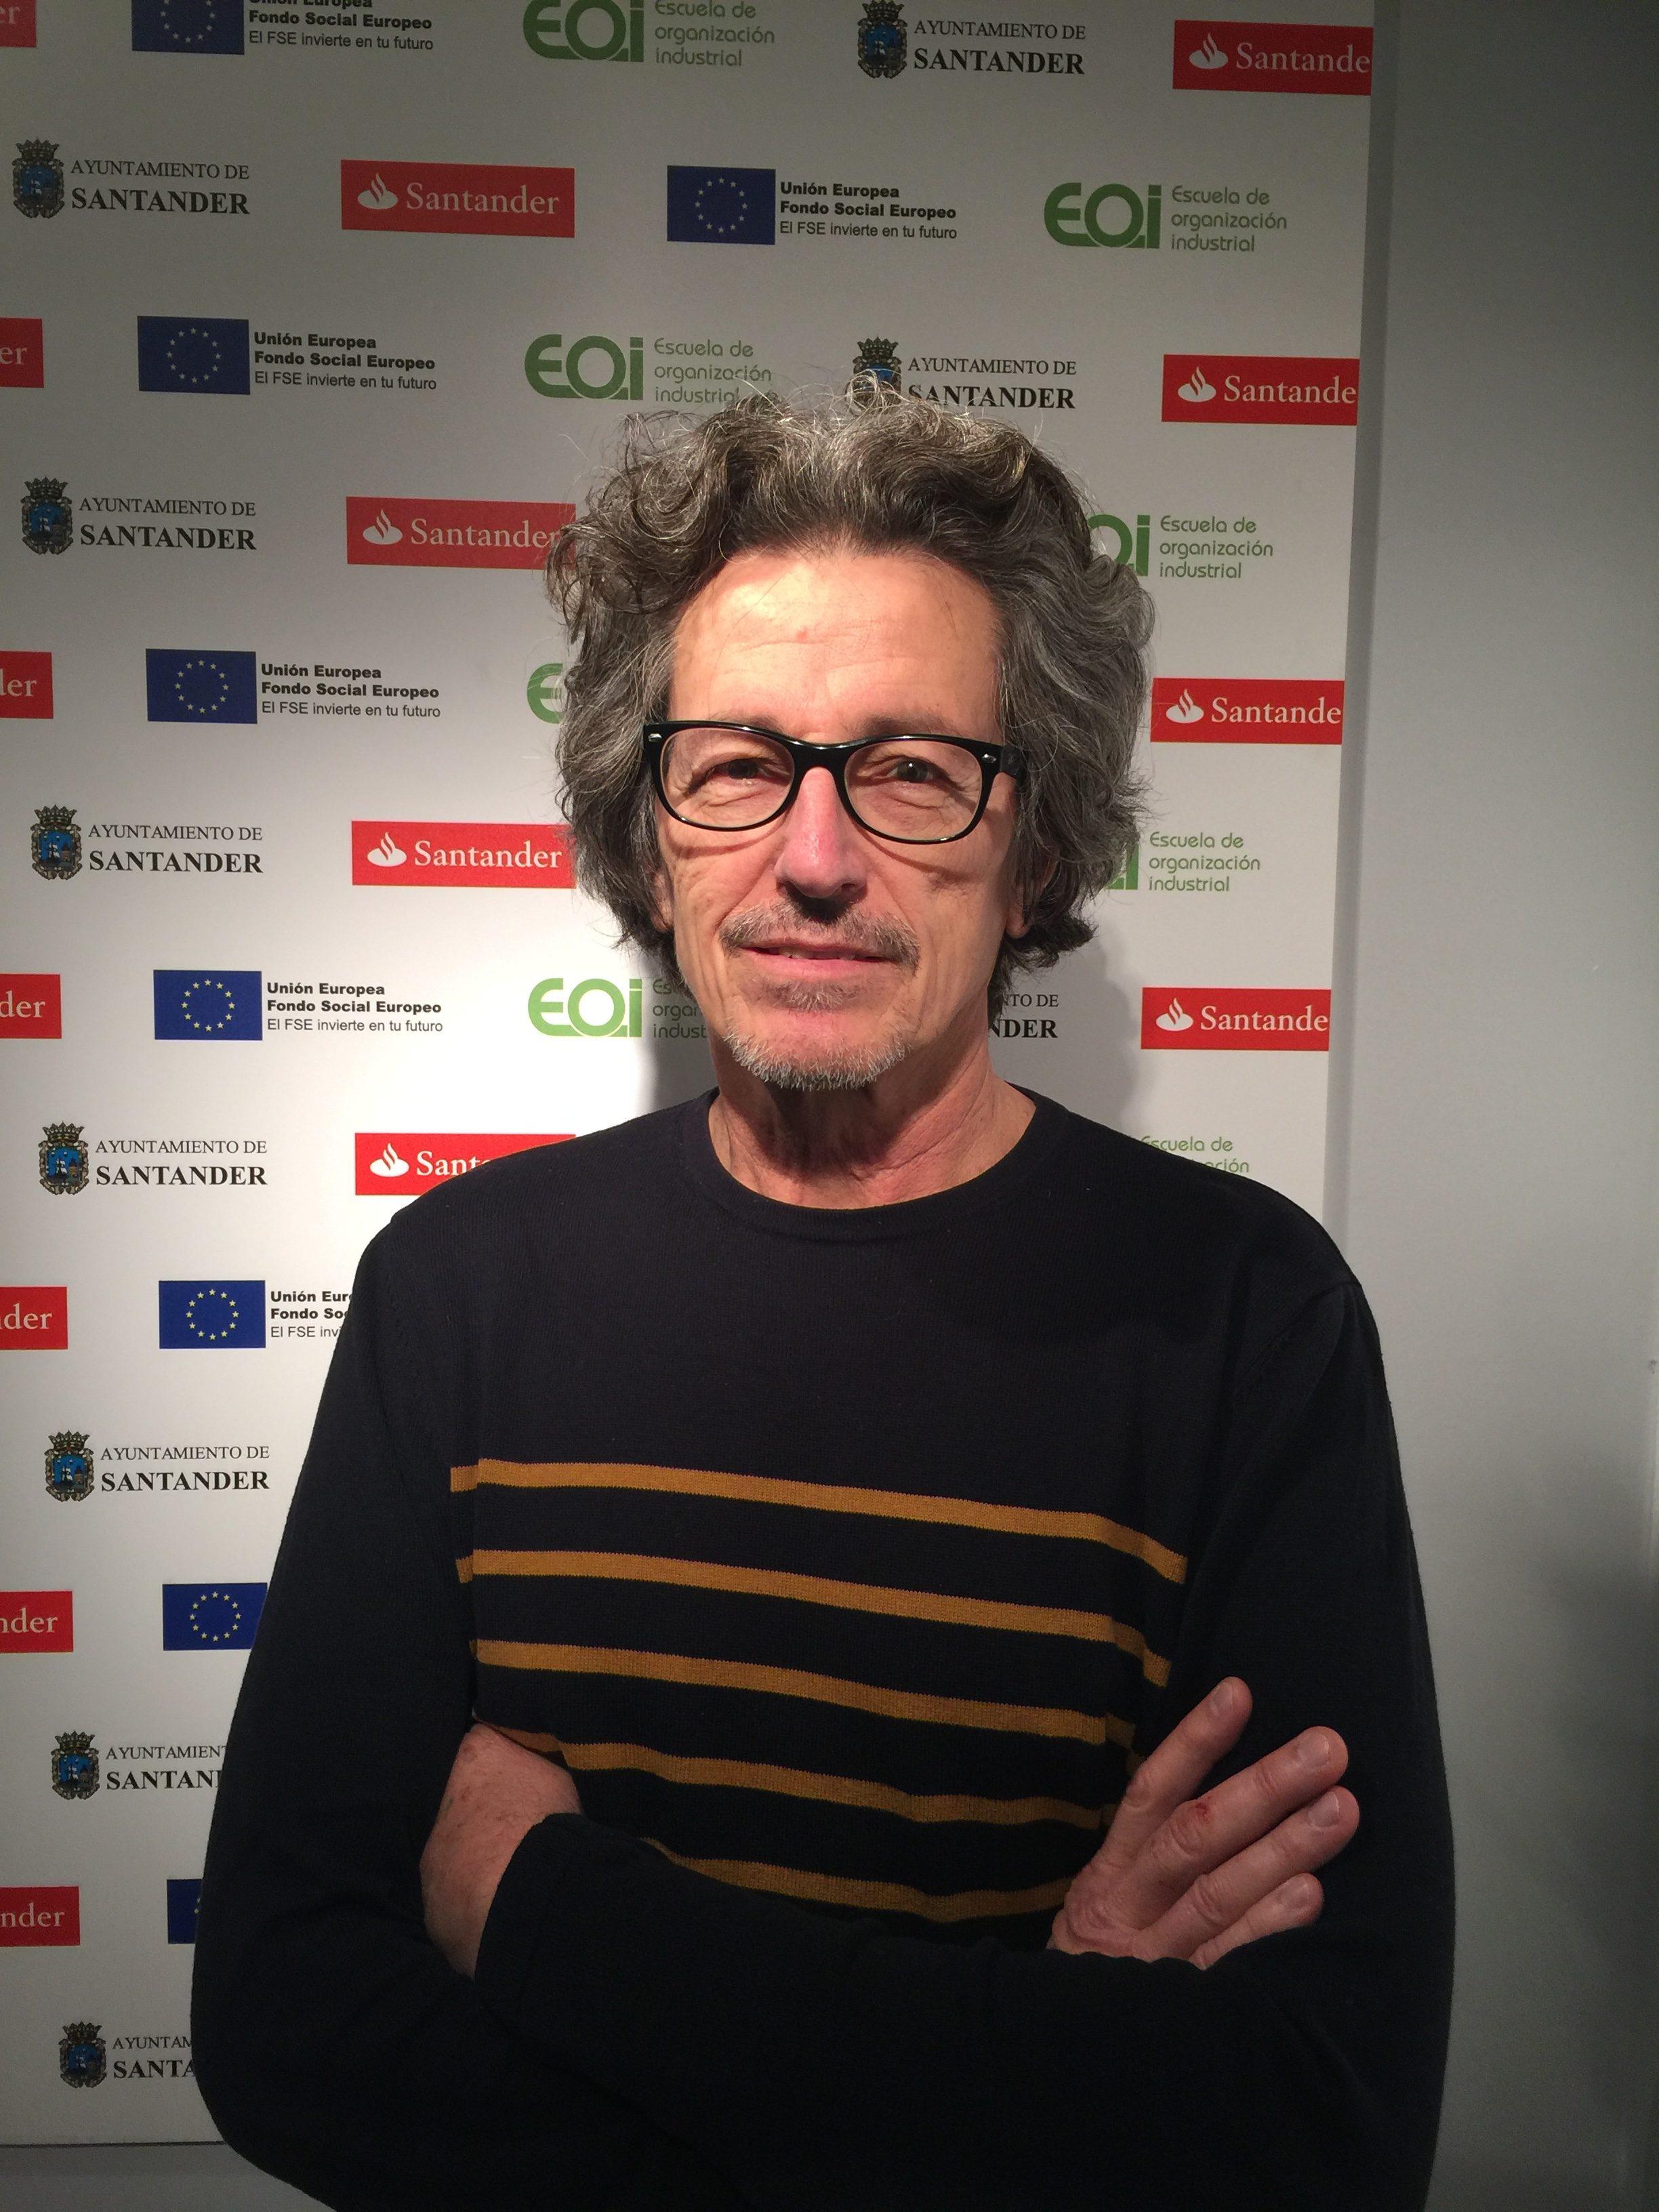 Miguel Santeliz, emprendedor y creador de Raíces Urbanas